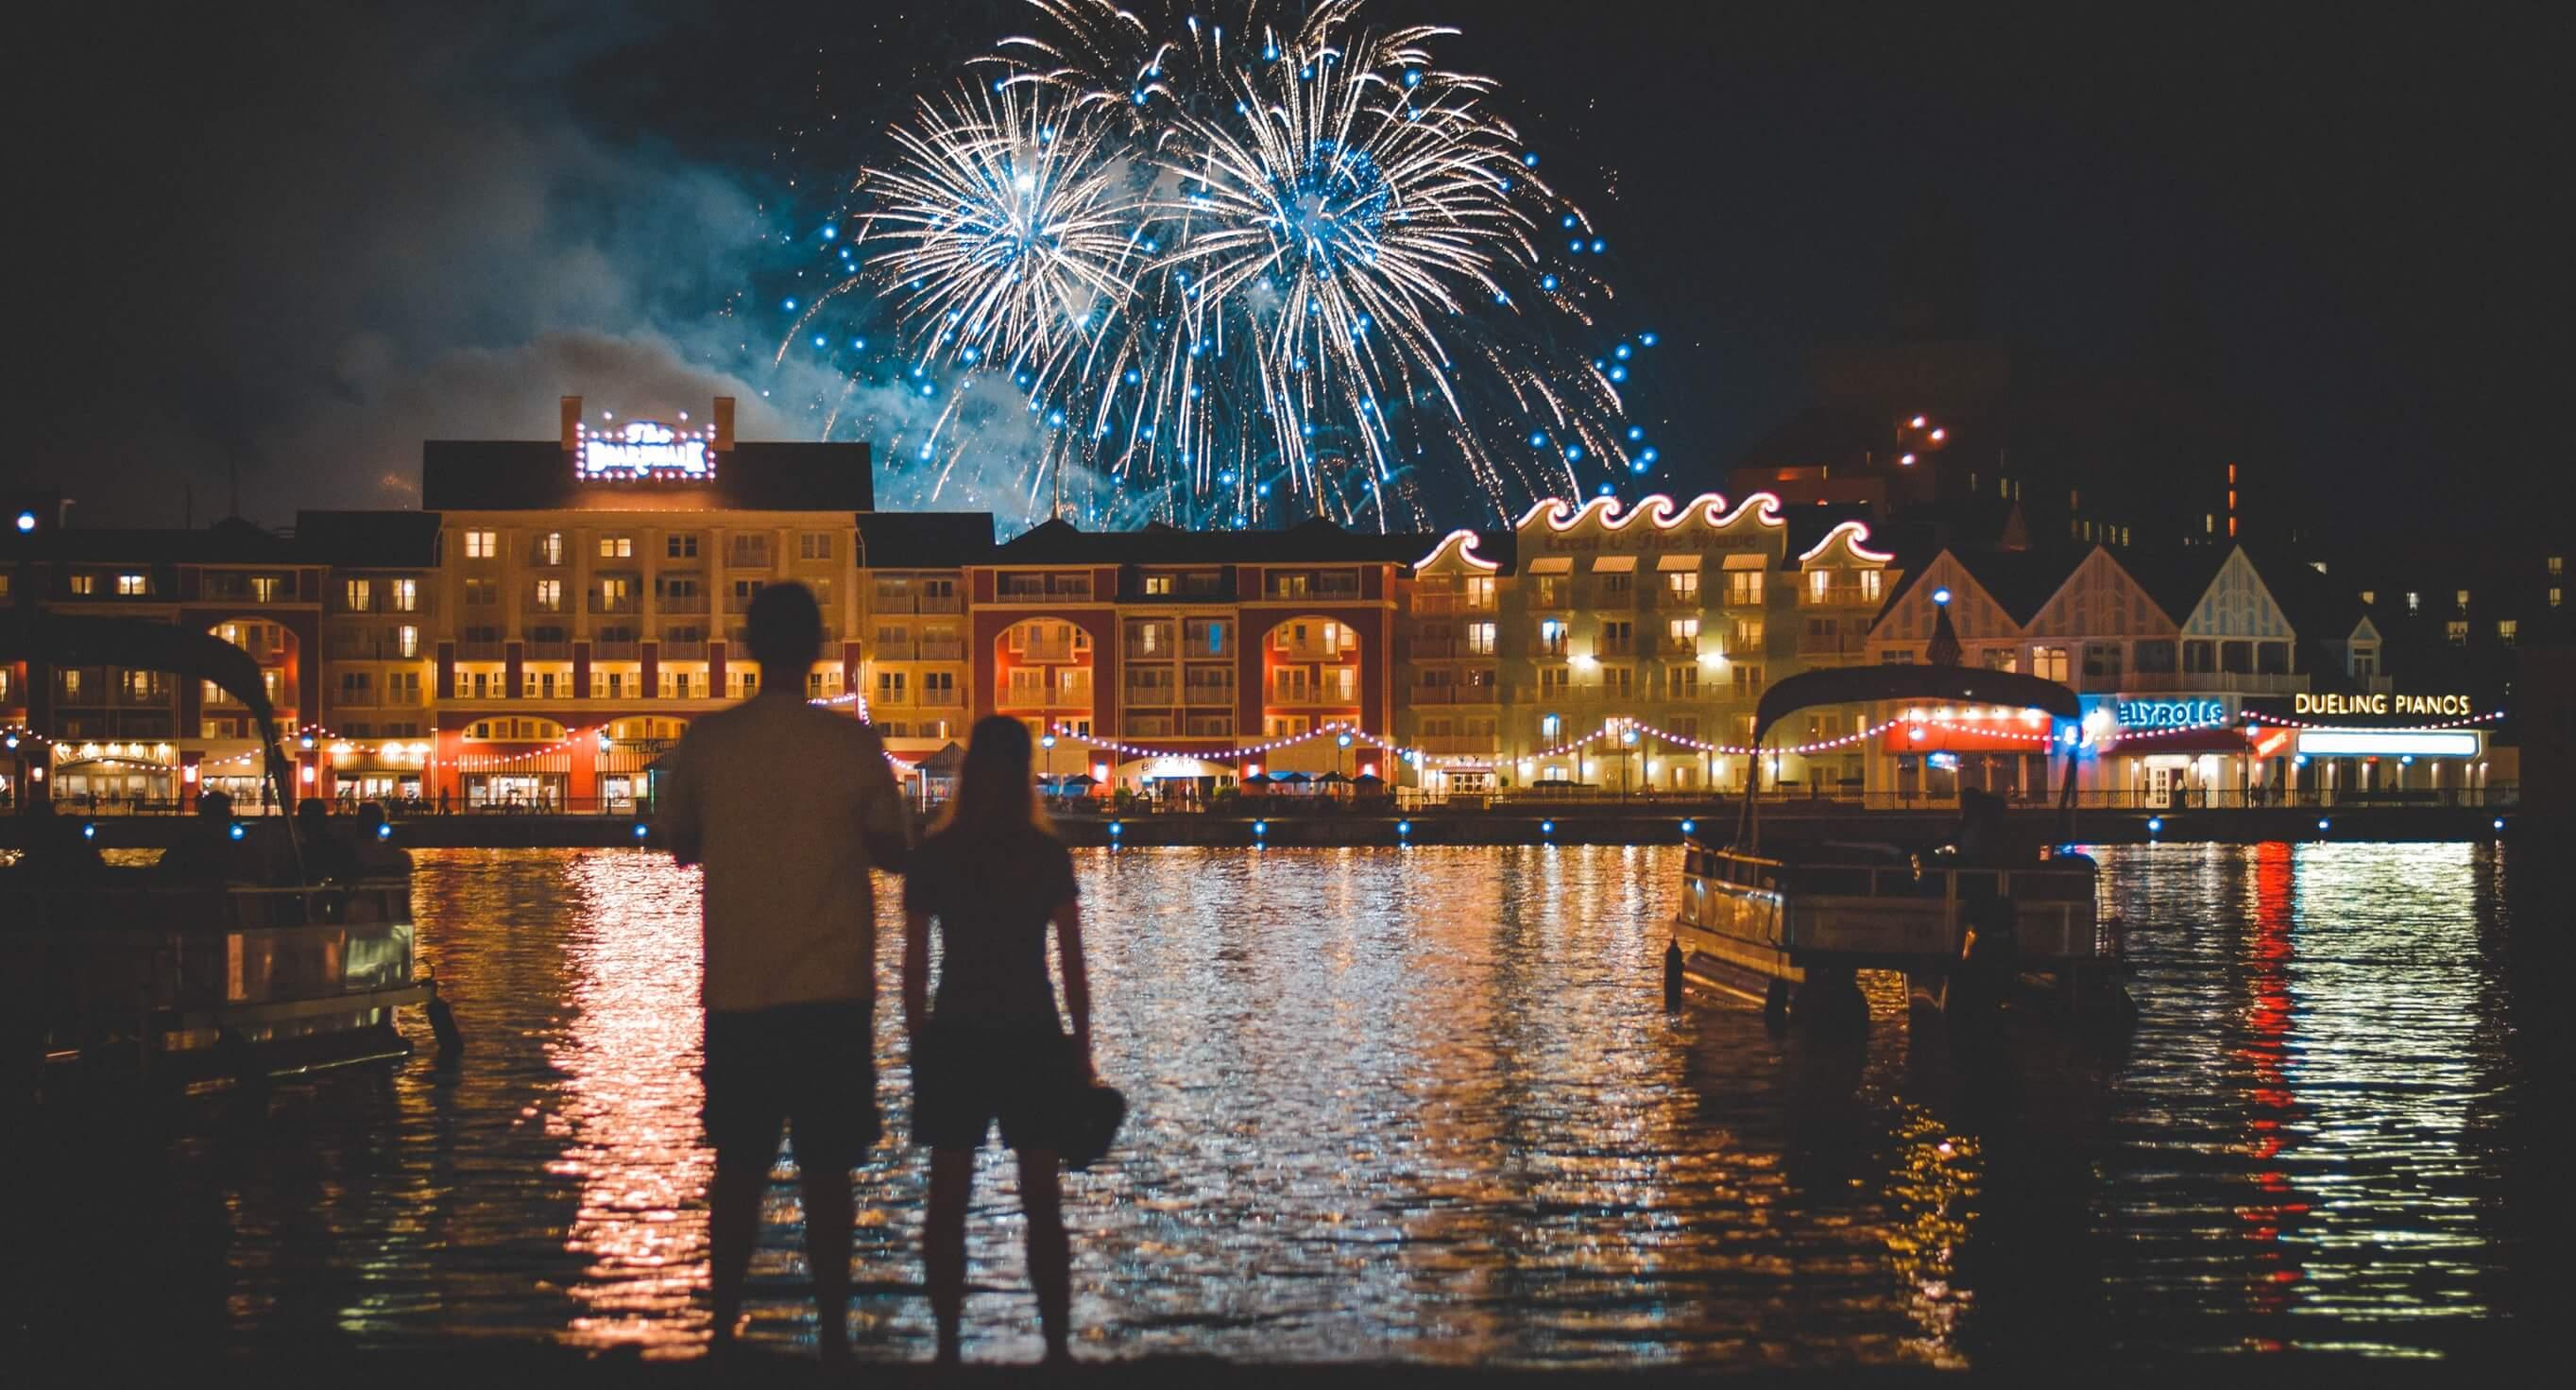 Куда слетать на Новый год 2020: идеи для путешествий в праздники